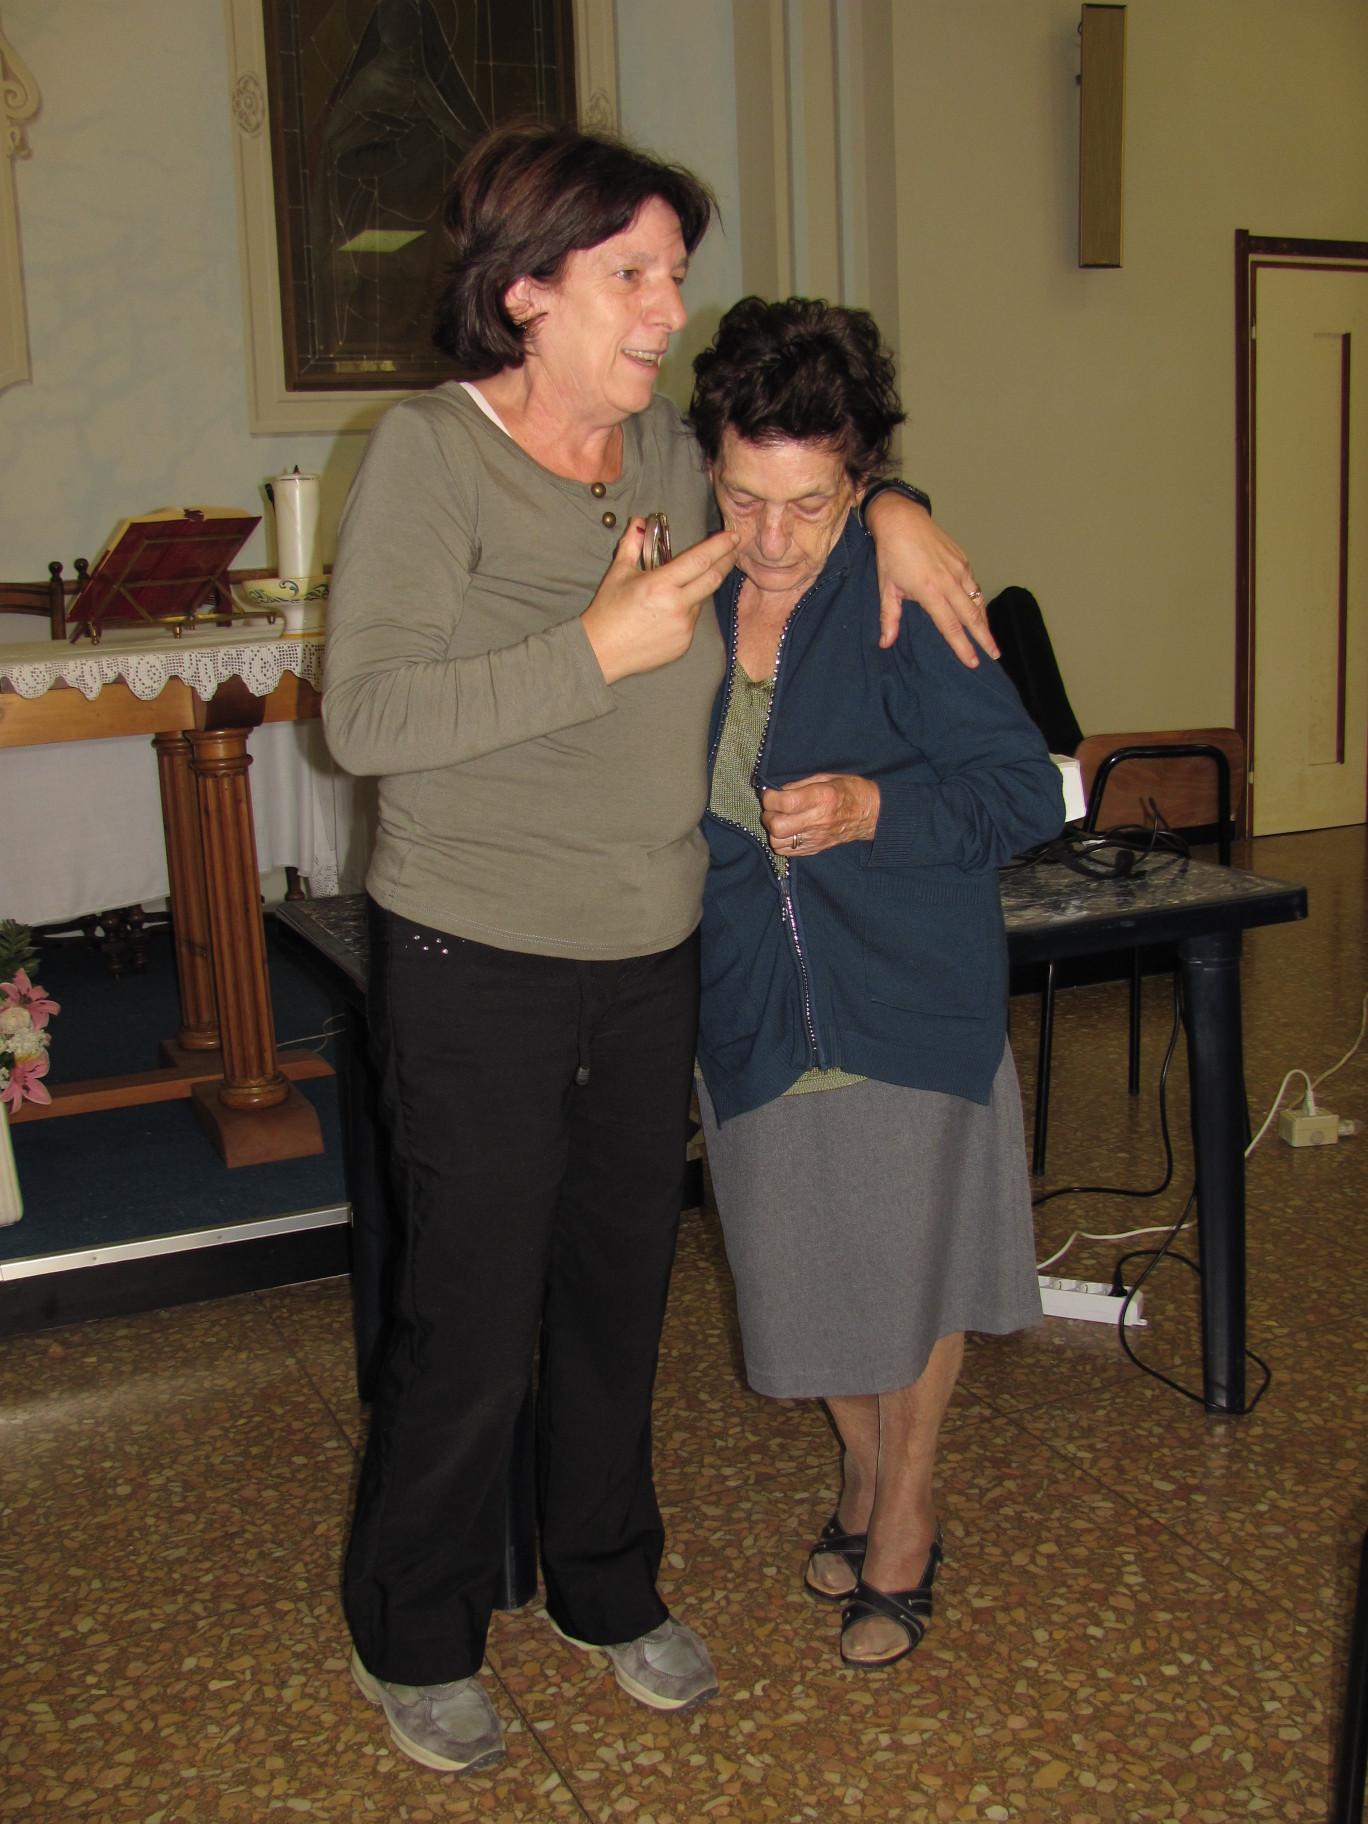 giornata_comunita_arenzano_2012-09-30-10-31-10